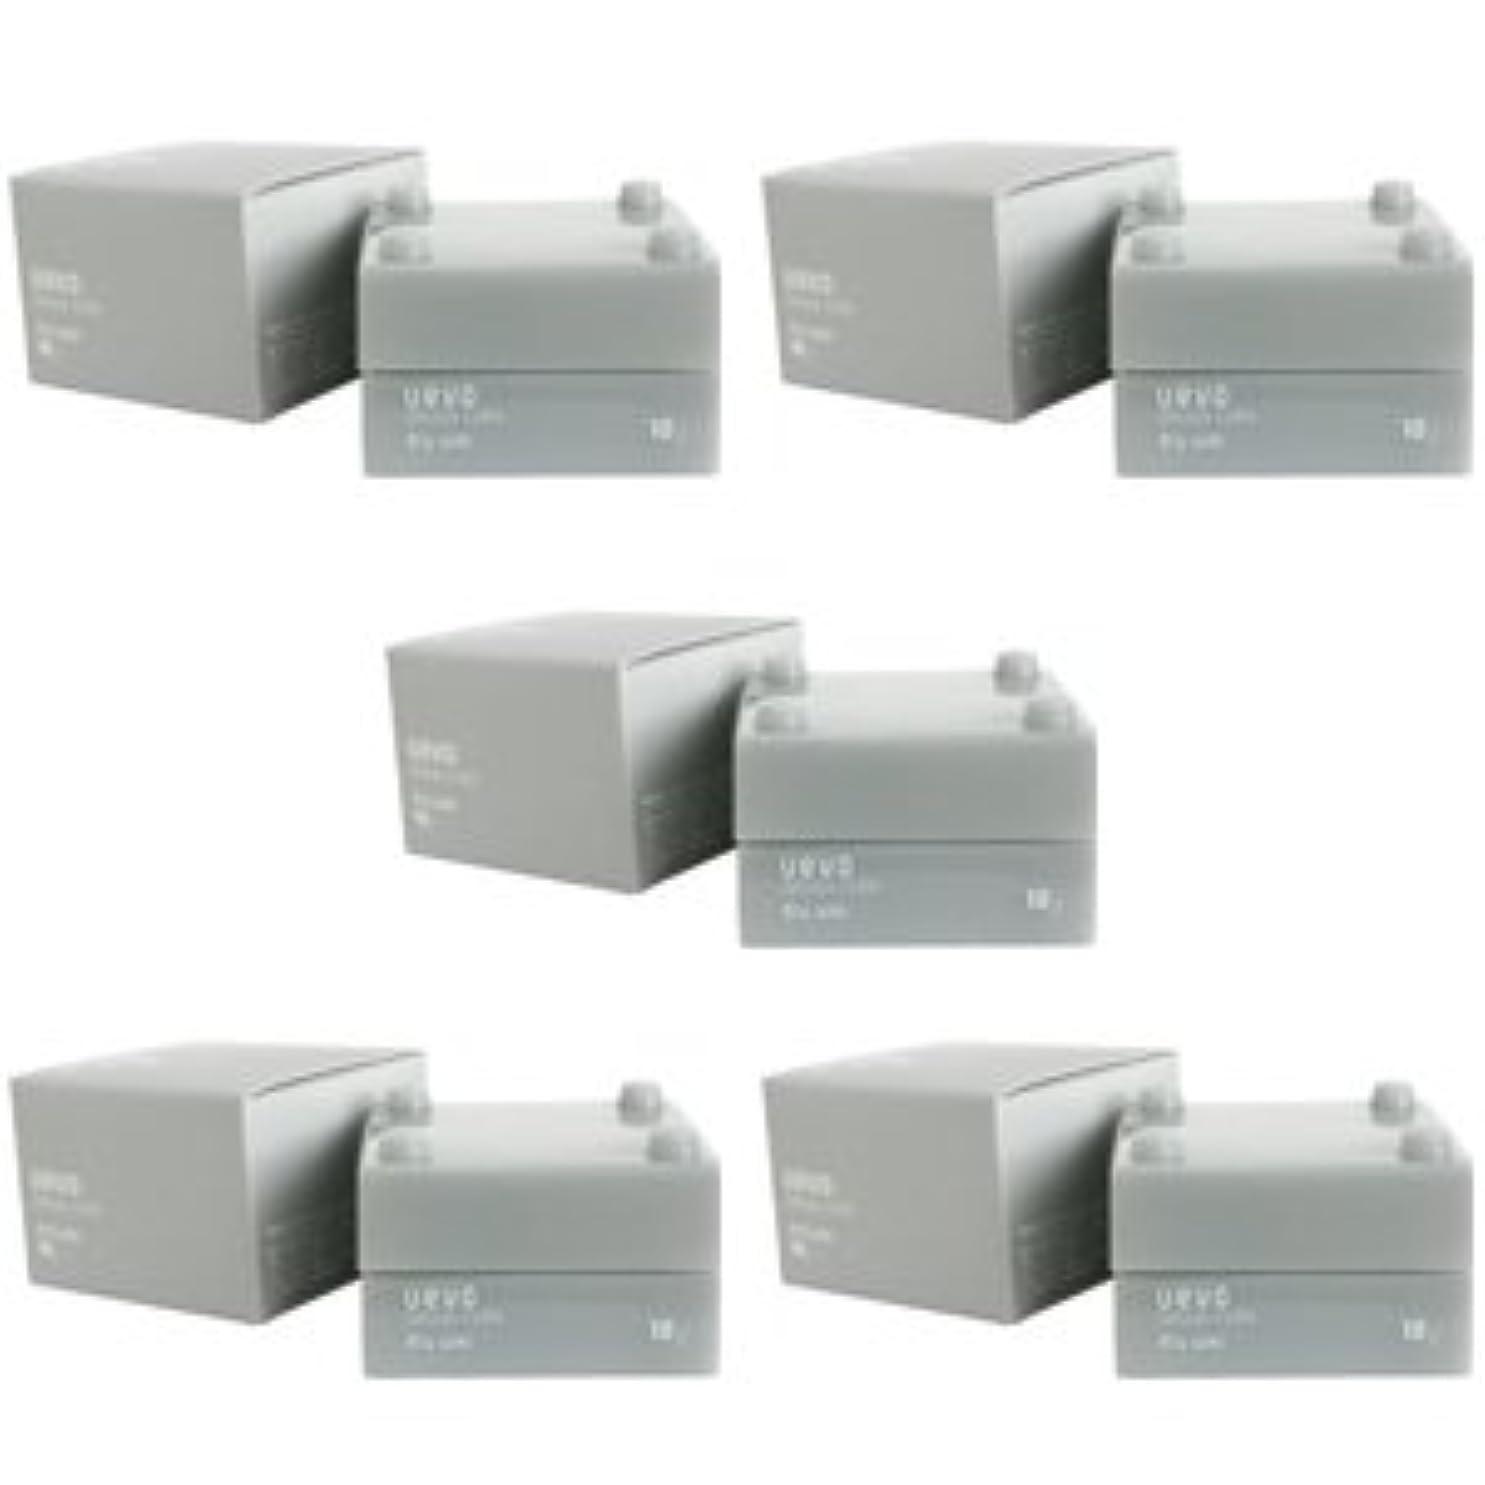 二次着る覚えている【X5個セット】 デミ ウェーボ デザインキューブ ドライワックス 30g dry wax DEMI uevo design cube